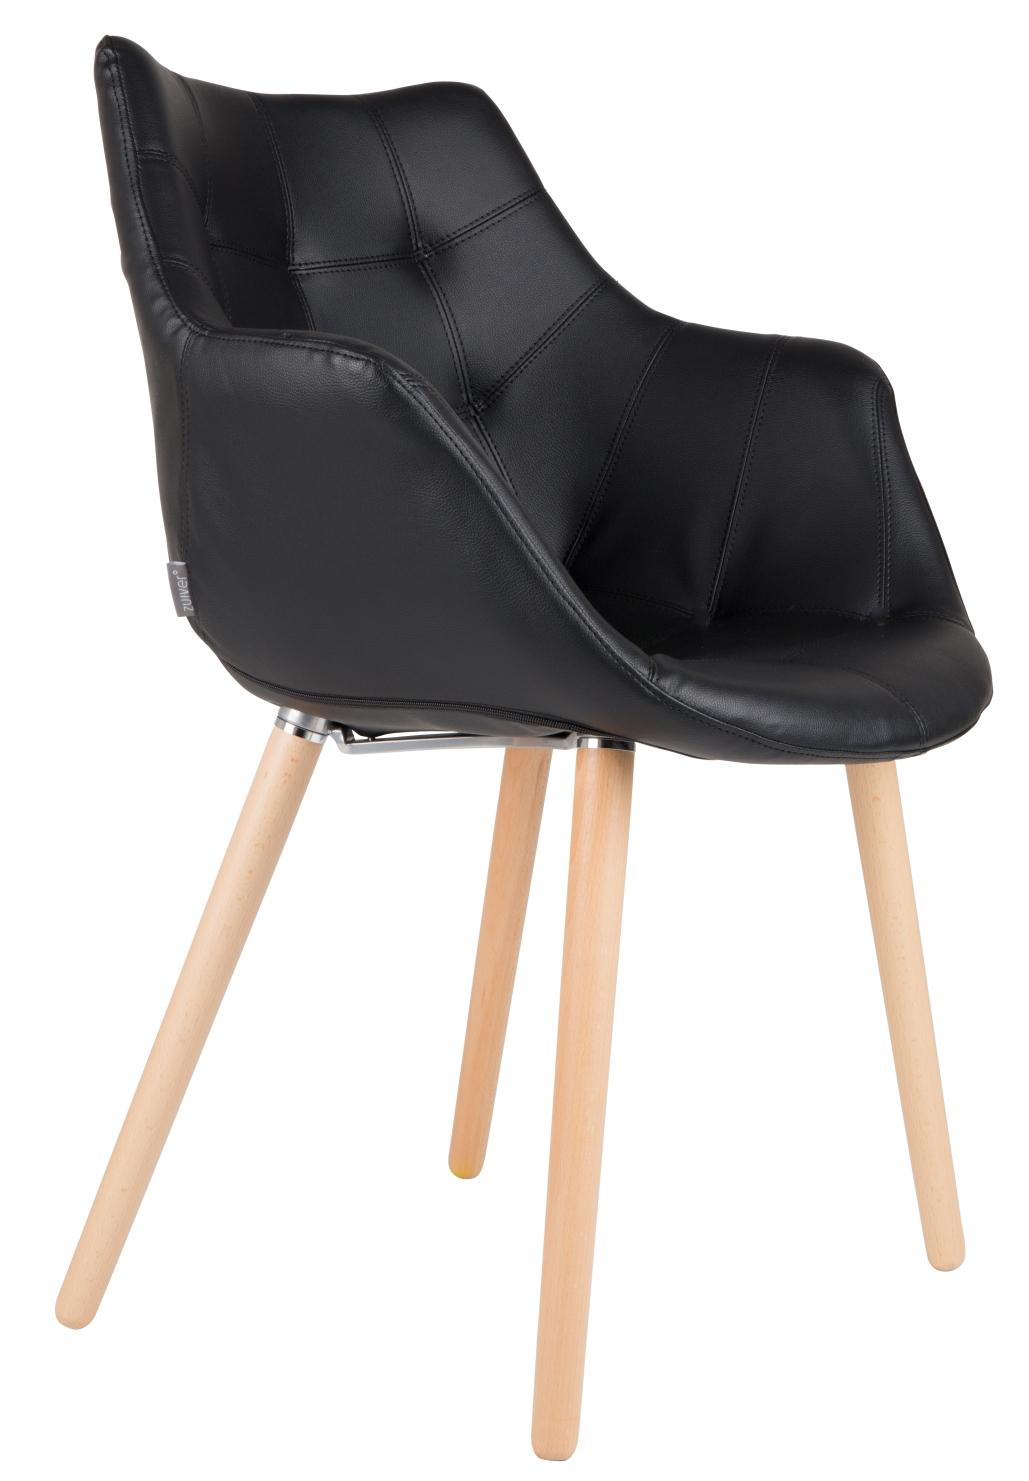 Zuiver design stoelen kopen online internetwinkel for Zuiver stoelen